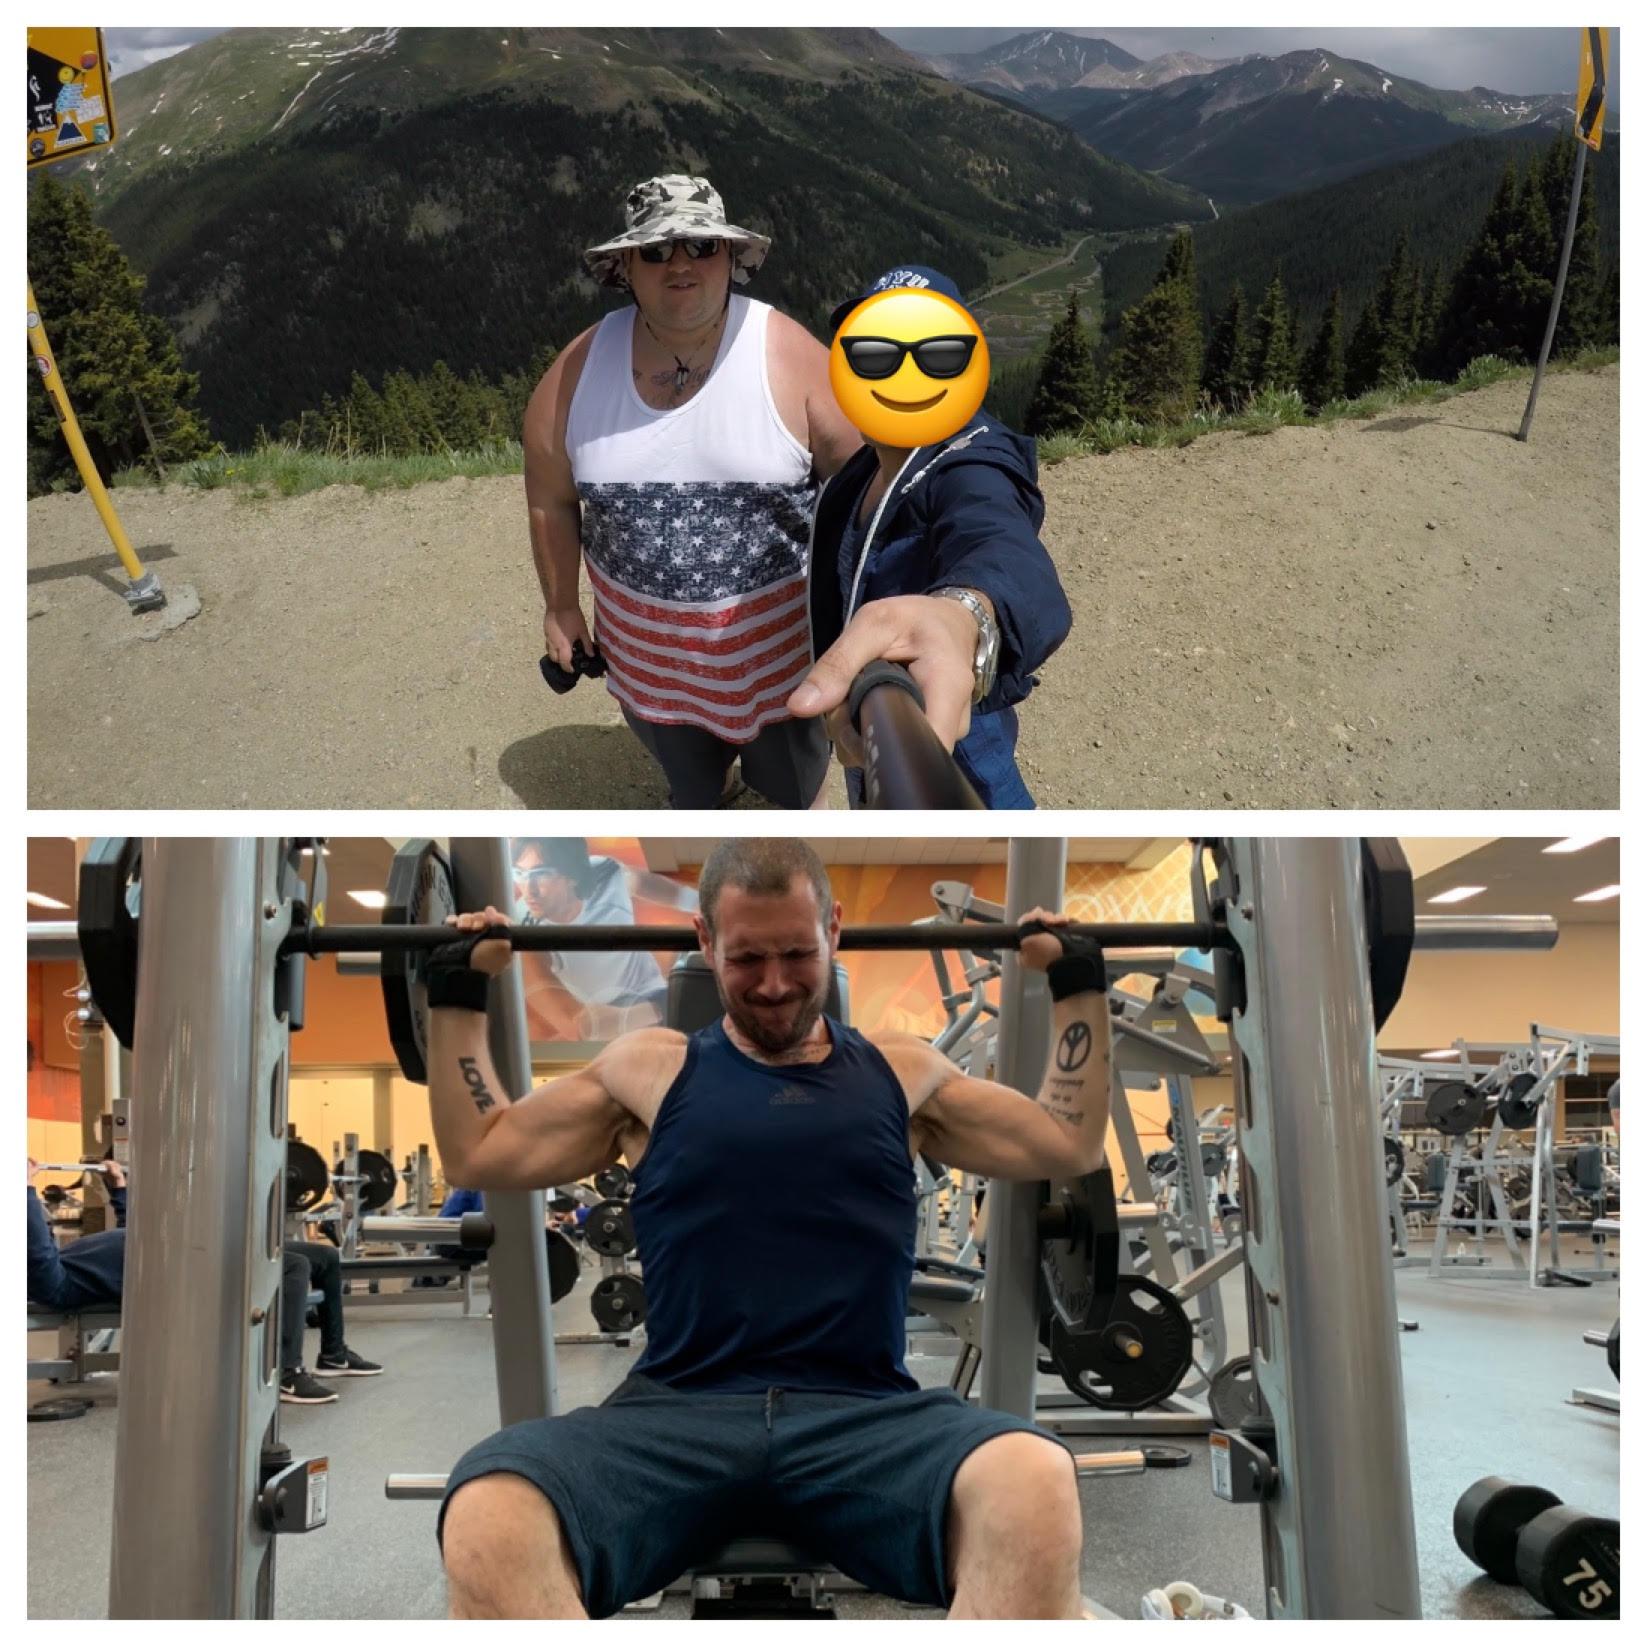 Progress Pics of 180 lbs Fat Loss 5'11 Male 360 lbs to 180 lbs